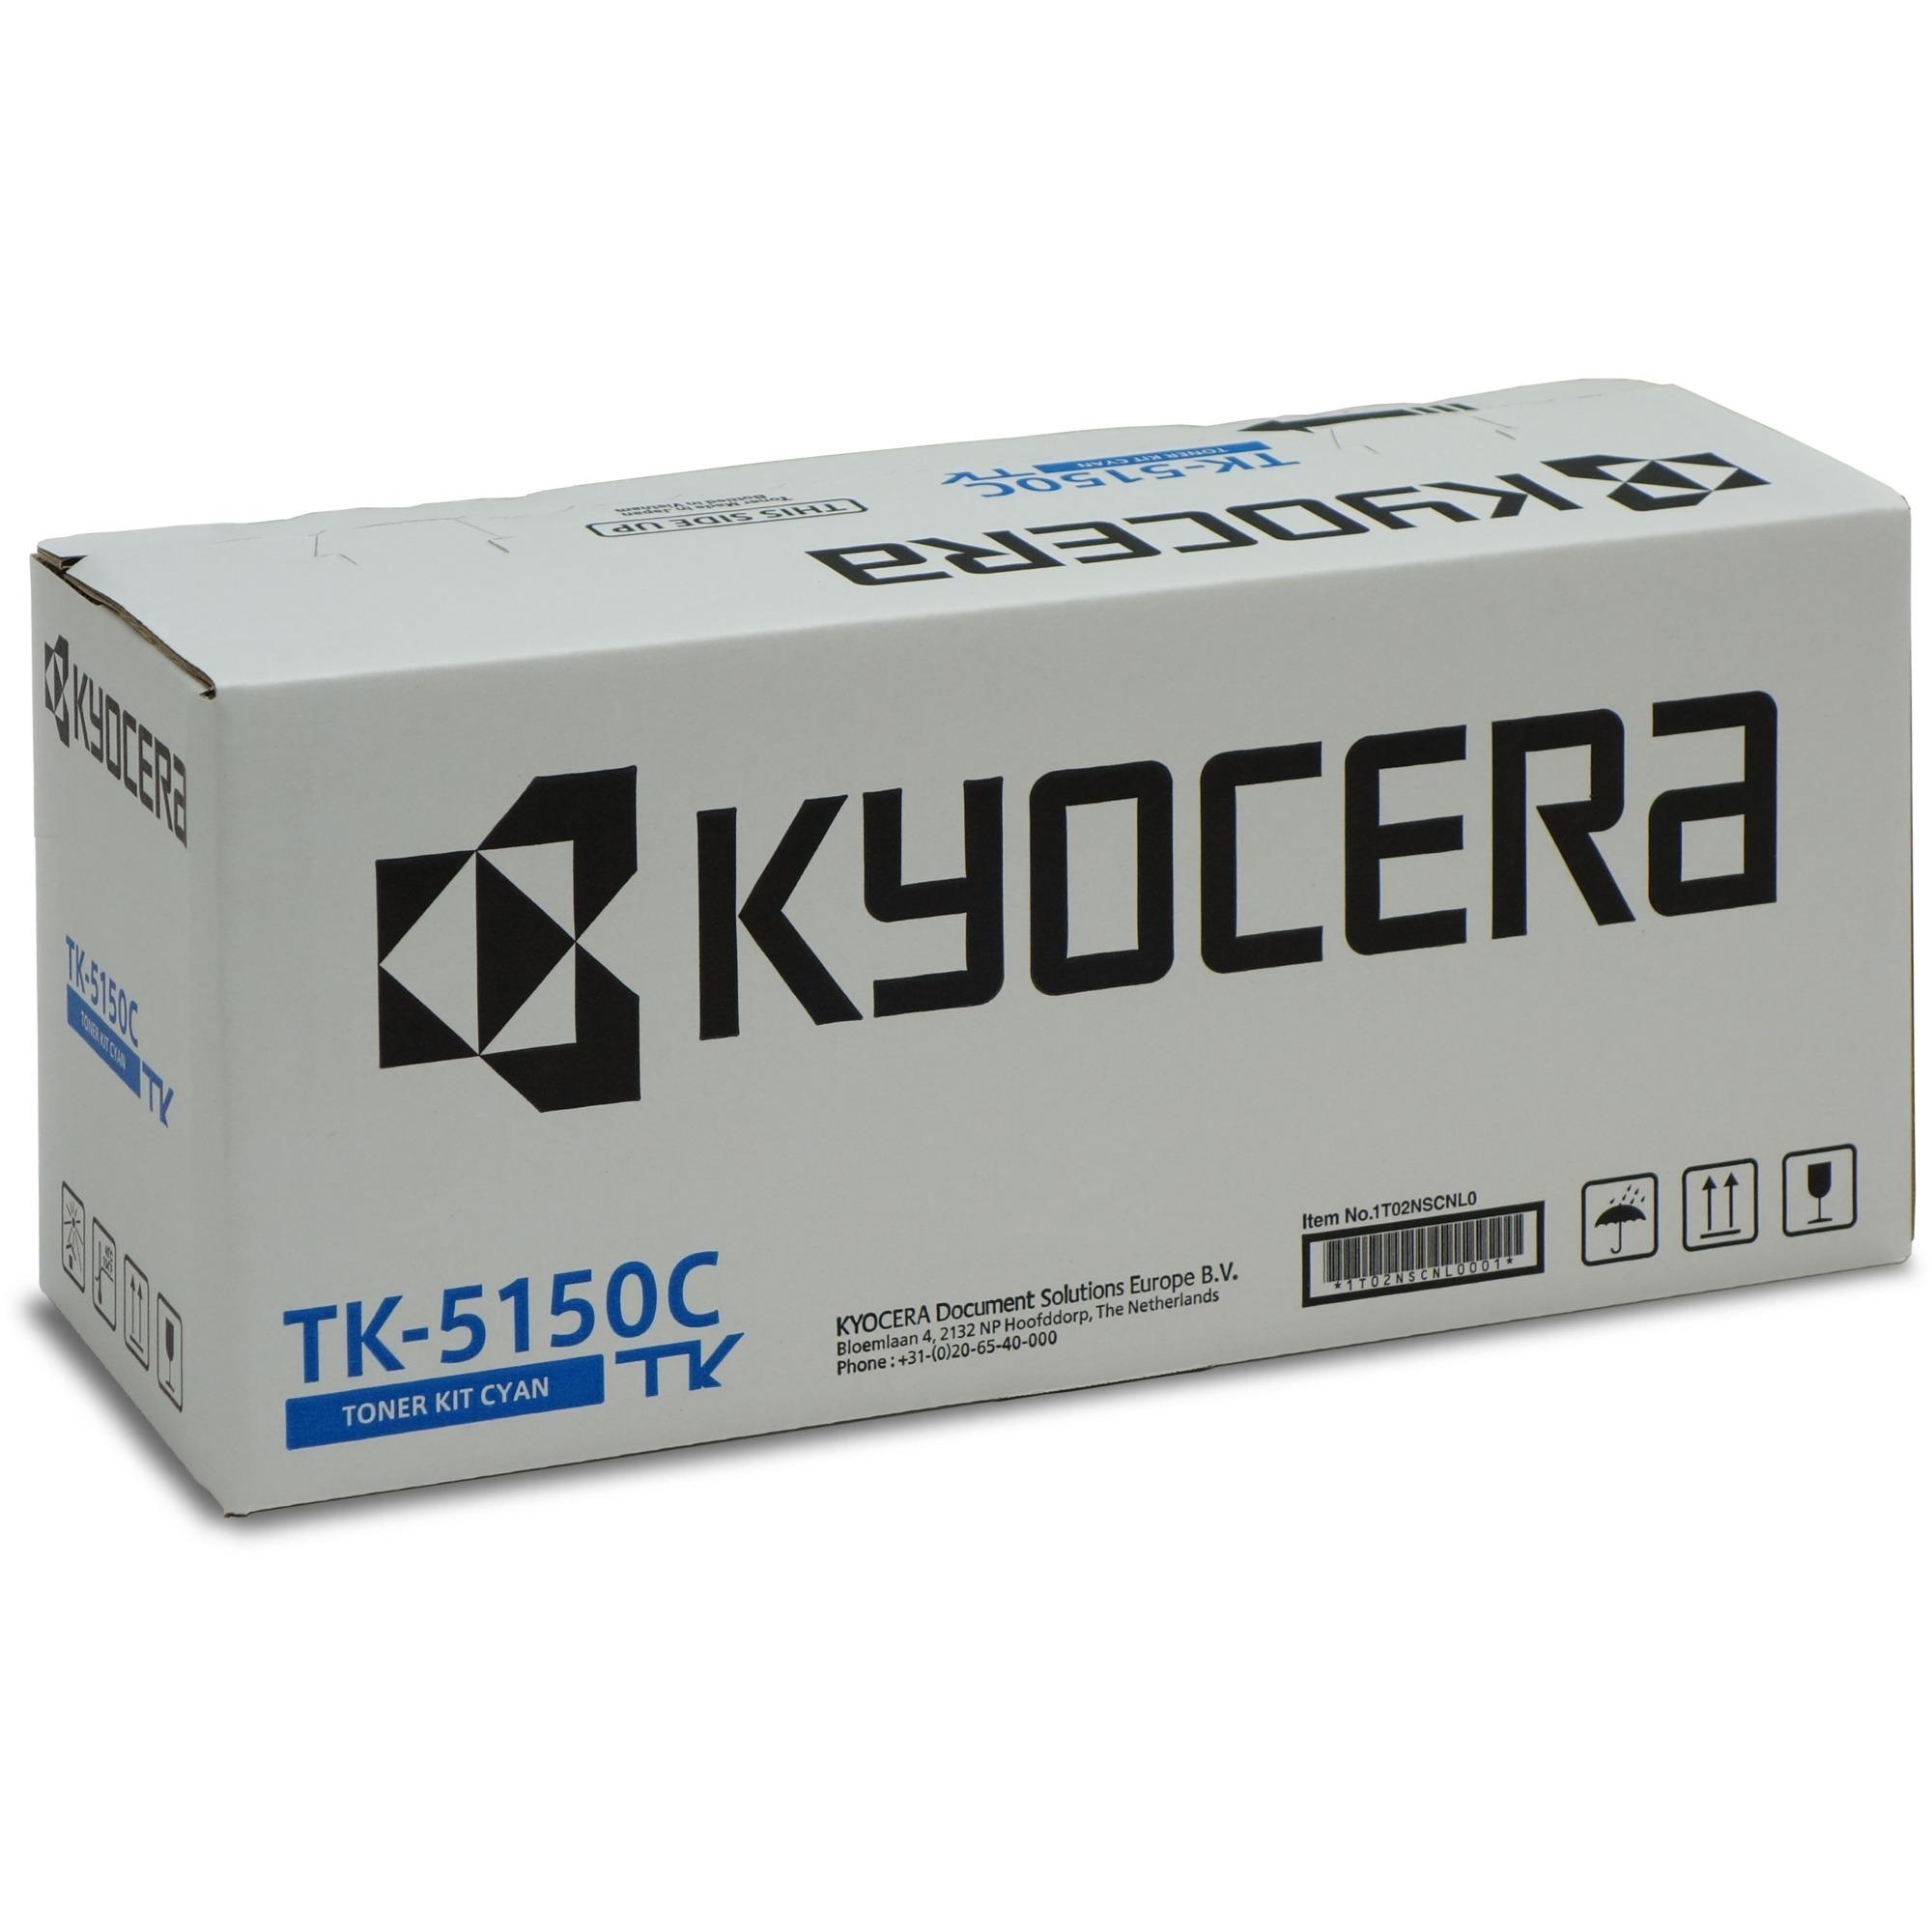 tk-5150c